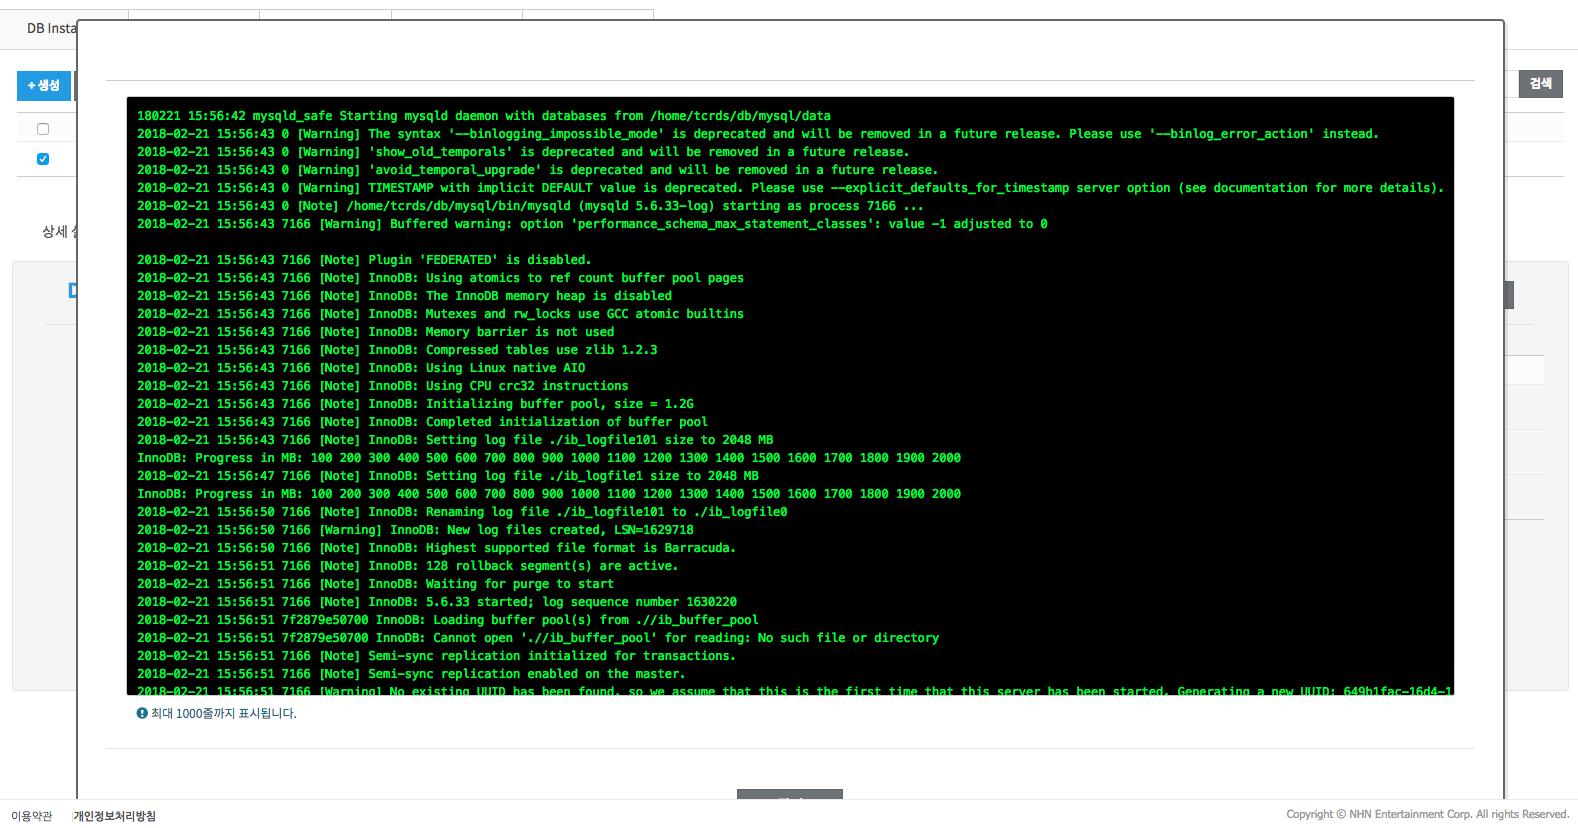 [그림 7] 이벤트 & 로그 - error.log 파일 로그